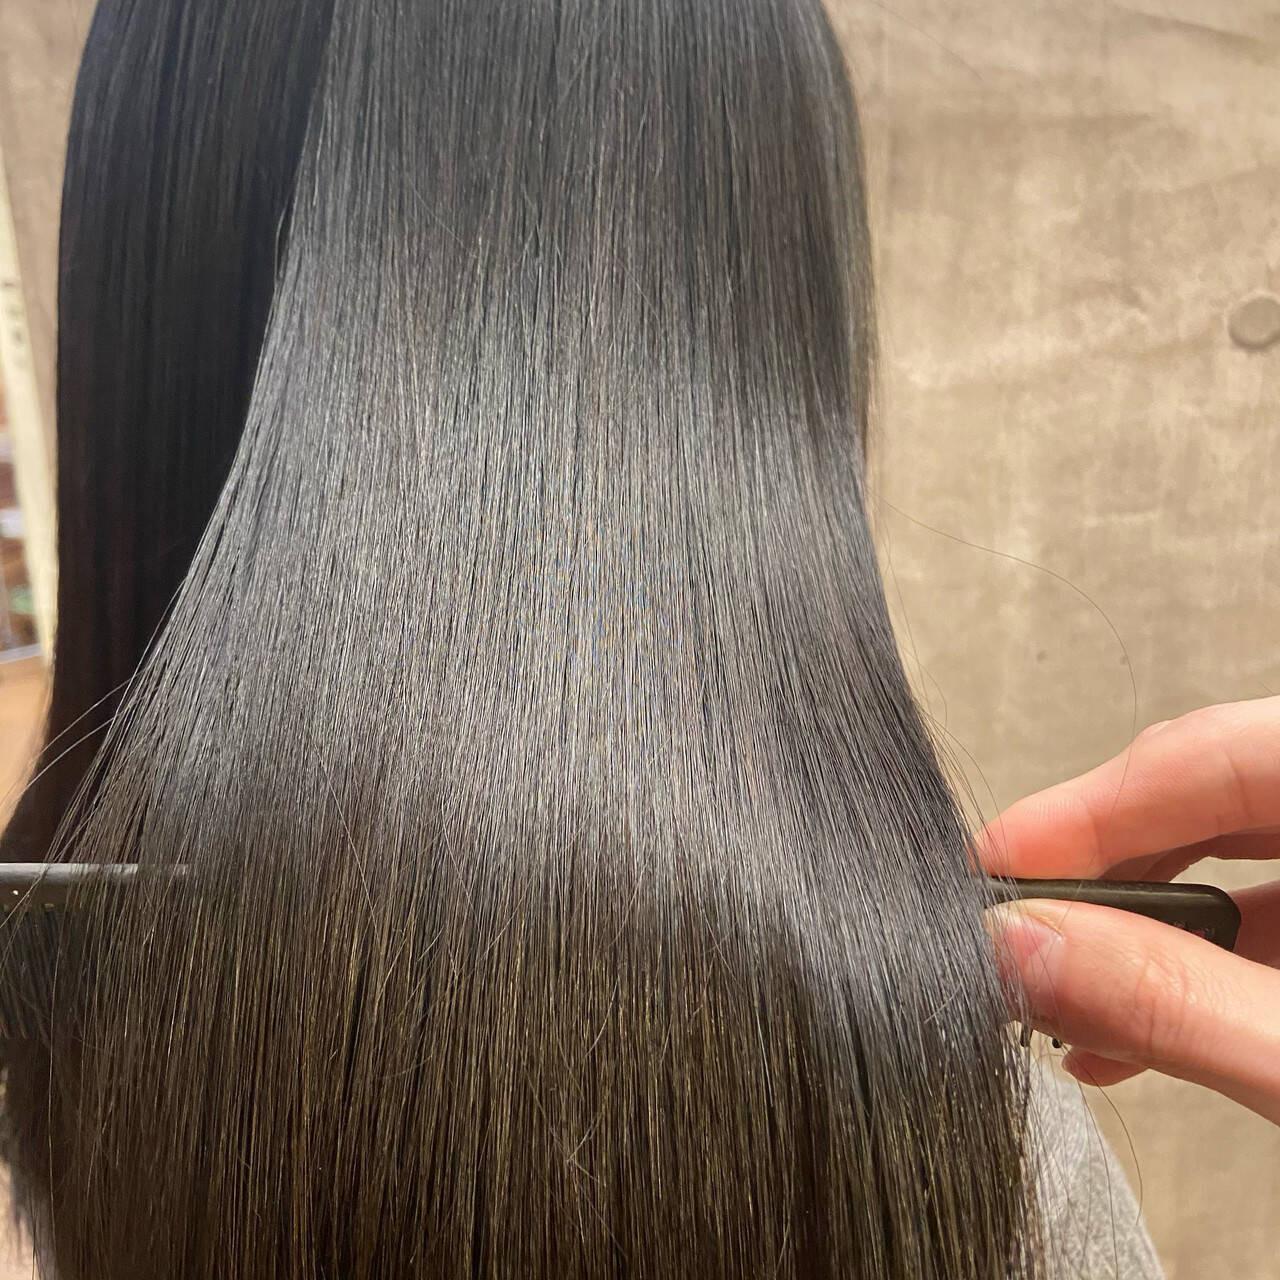 サロンのトリートメントを定期的に◎ 髪質改善/熊谷 竜馬  neolive eclat